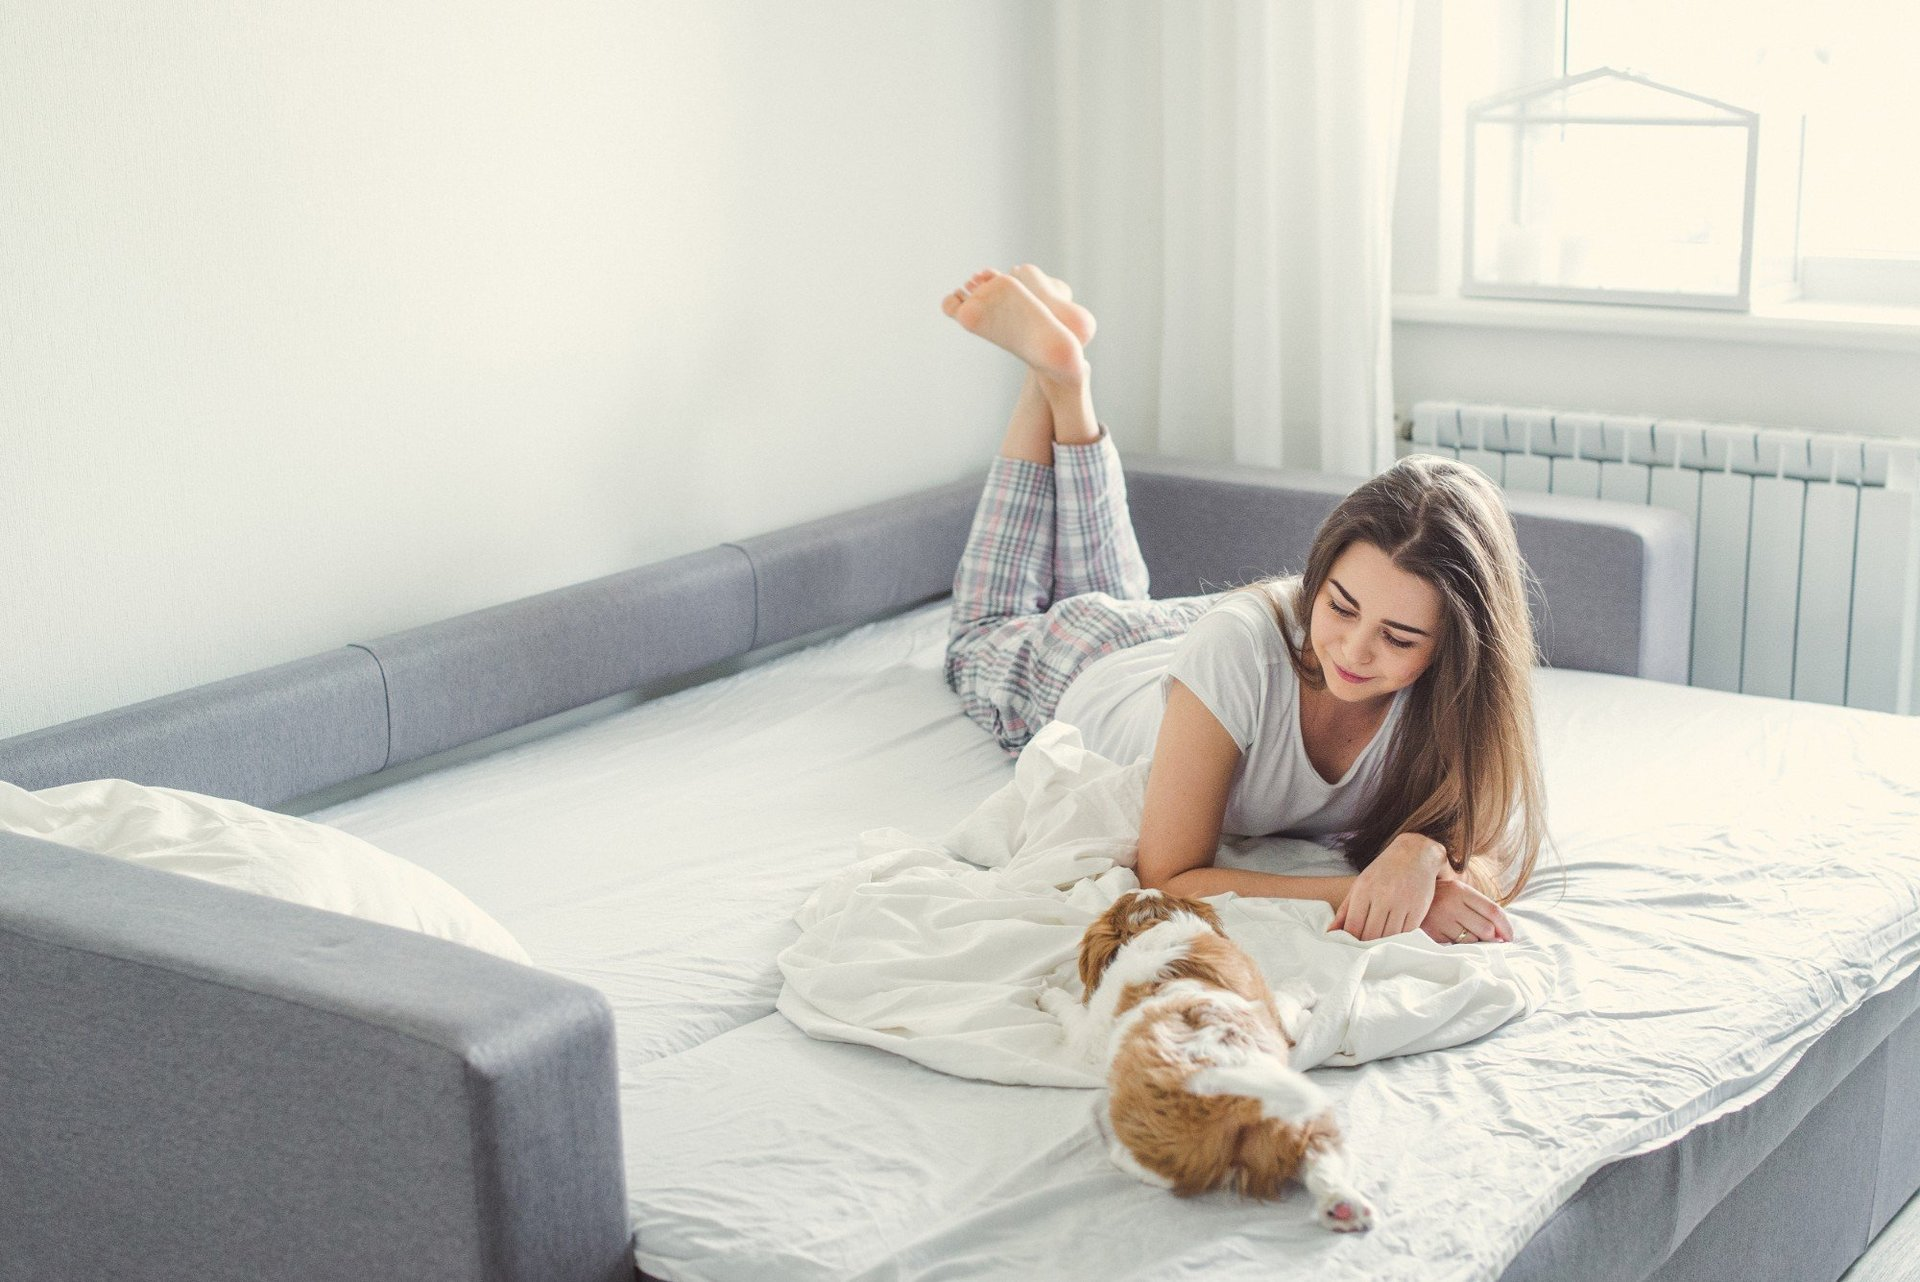 Ragazza con cane su un divano letto